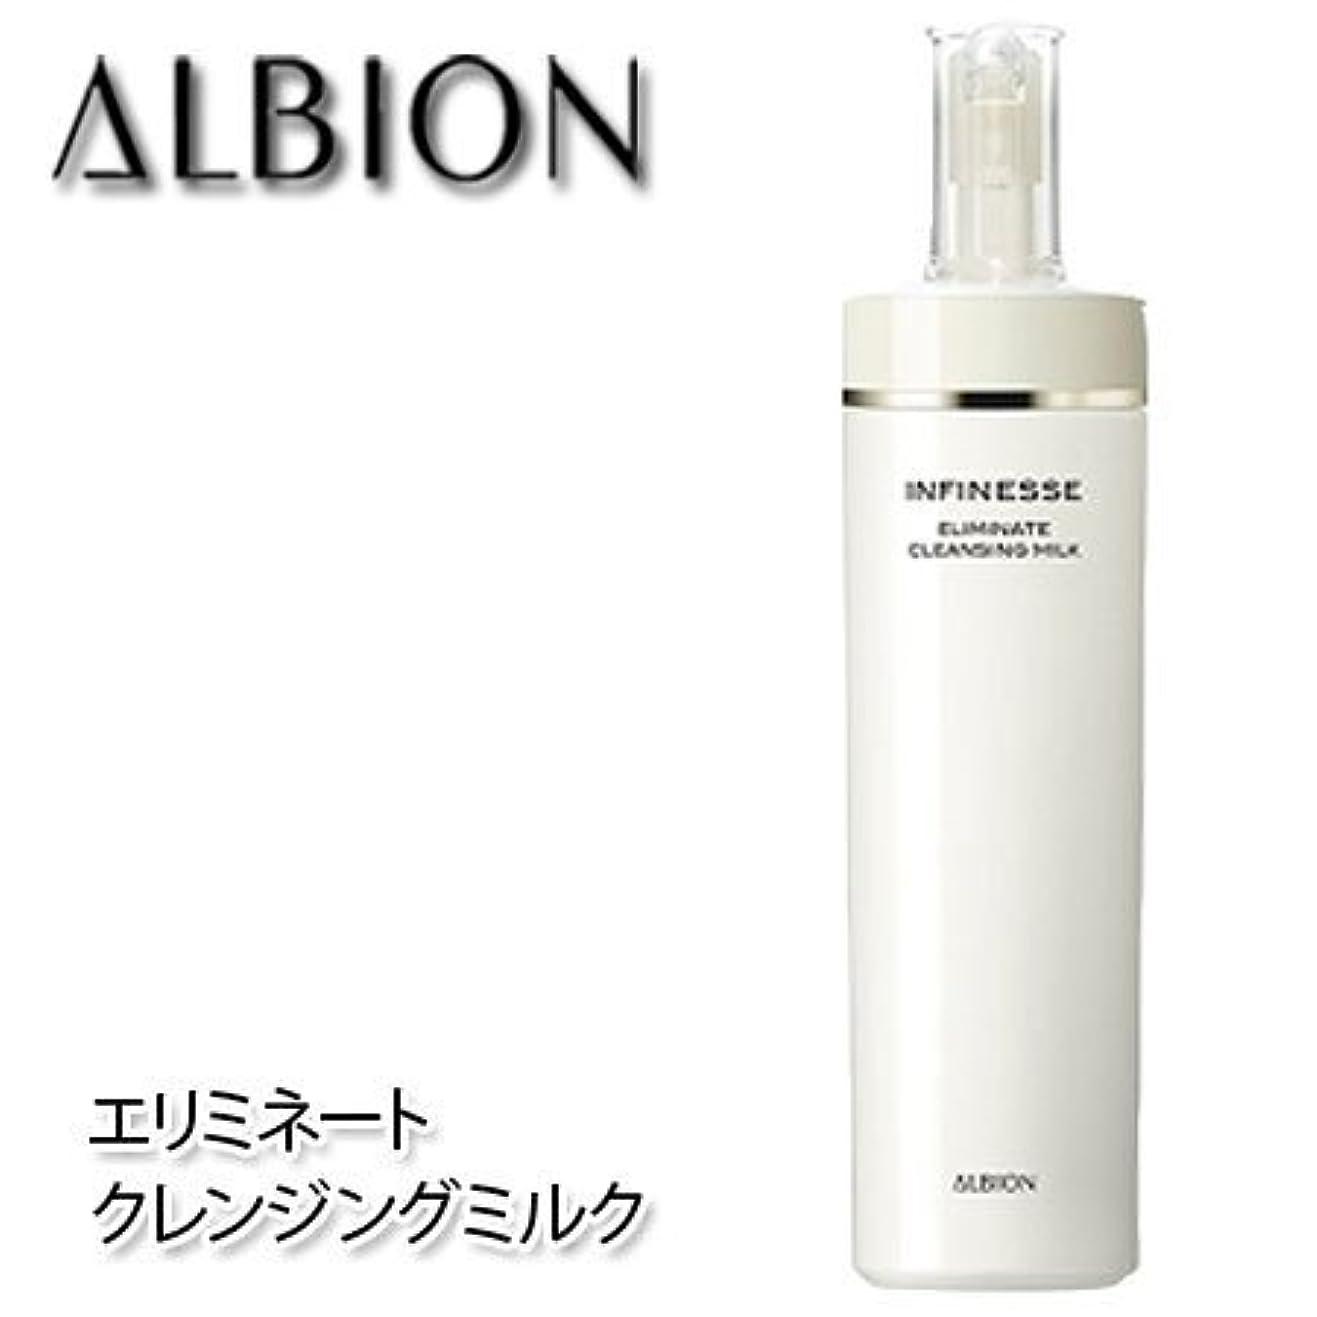 現れるにやにやスロープアルビオン アンフィネス エリミネート クレンジングミルク 200g-ALBION-